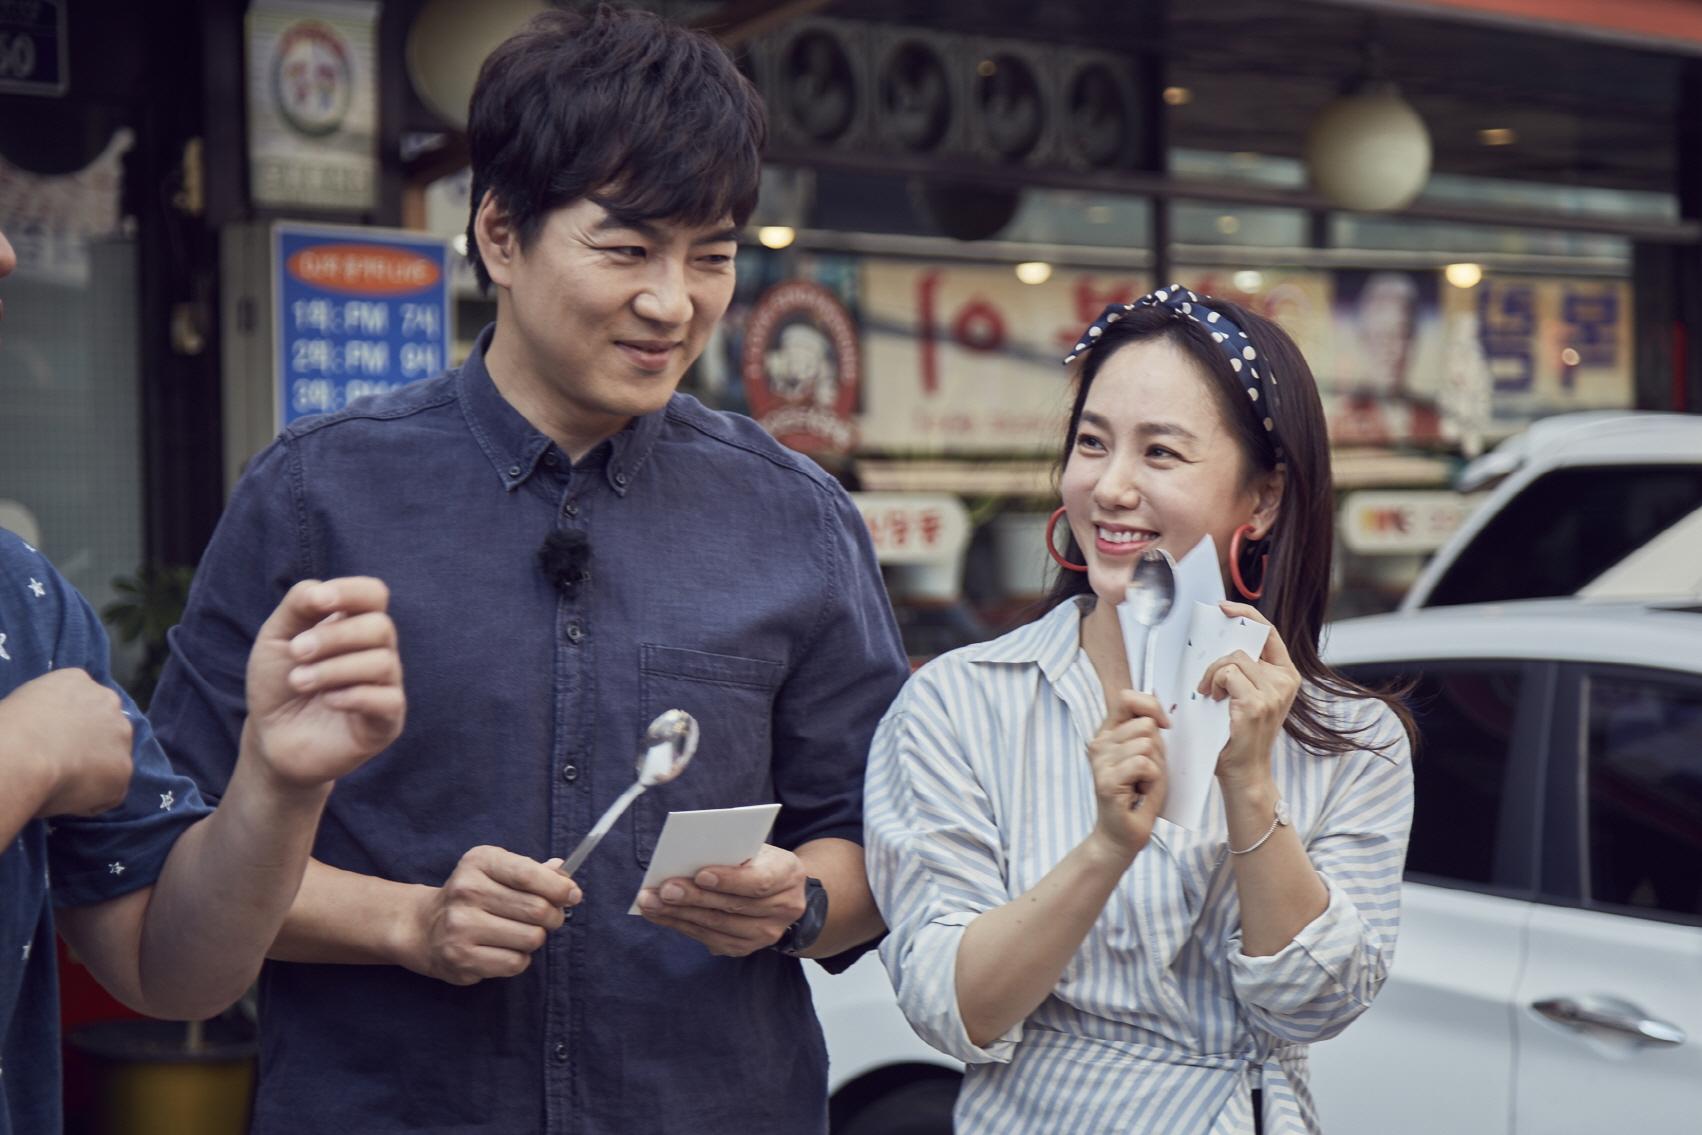 <한끼줍쇼> 송일국, 육아 스트레스 풀기 위해 출연? 돌발행동에 규동형제 당황